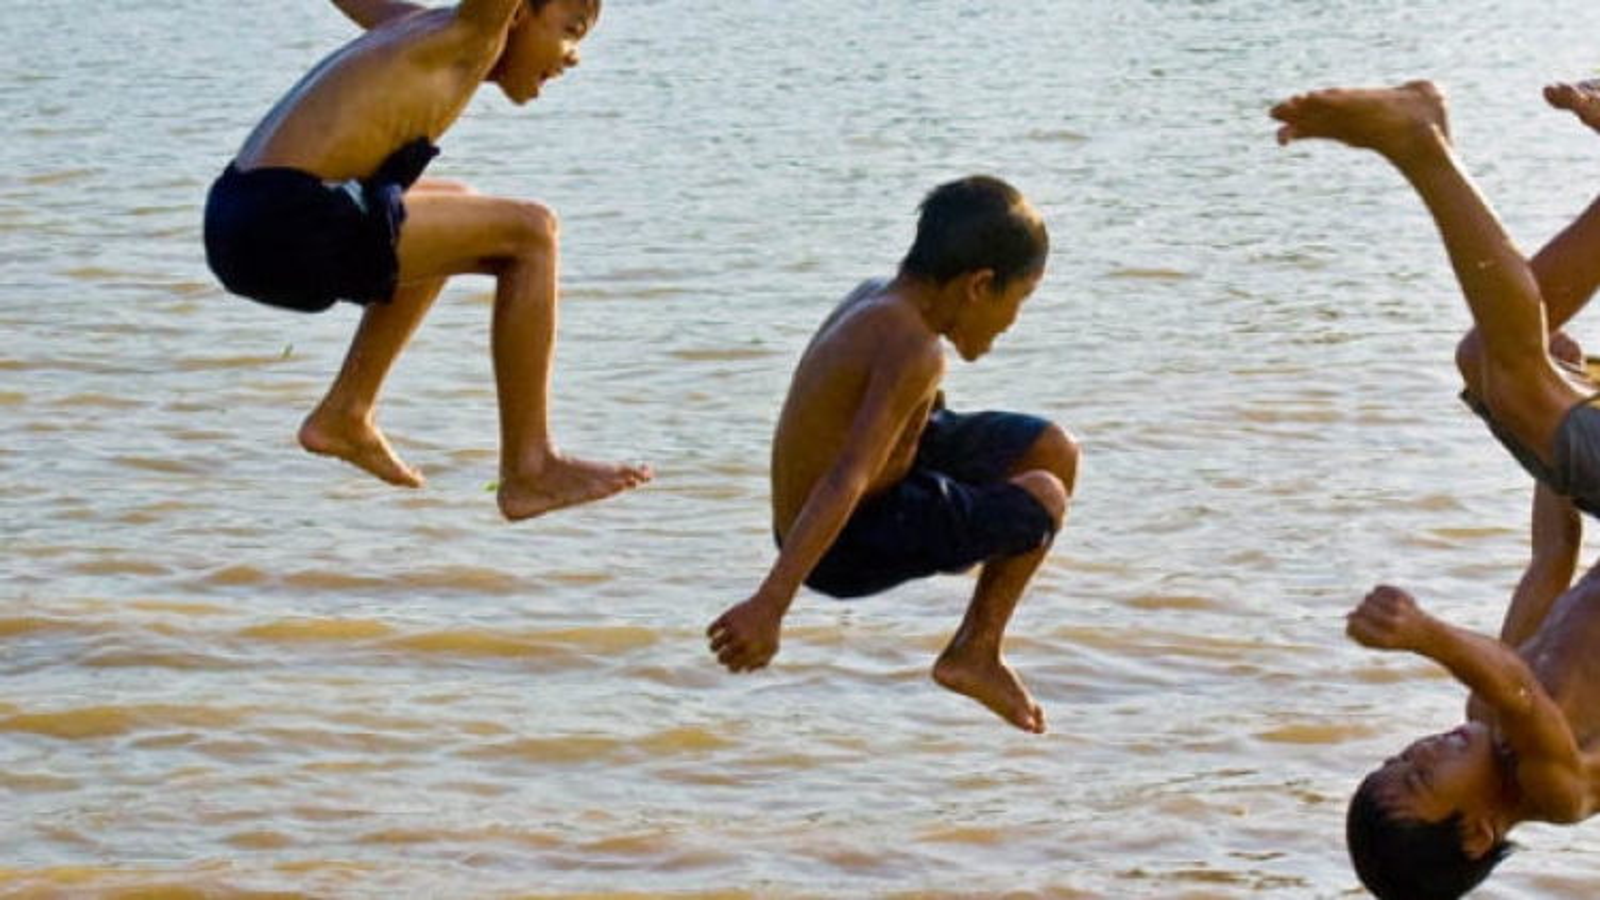 Tử vong do đuối nước ở Việt Nam cao gấp 10 lần các nước phát triển.